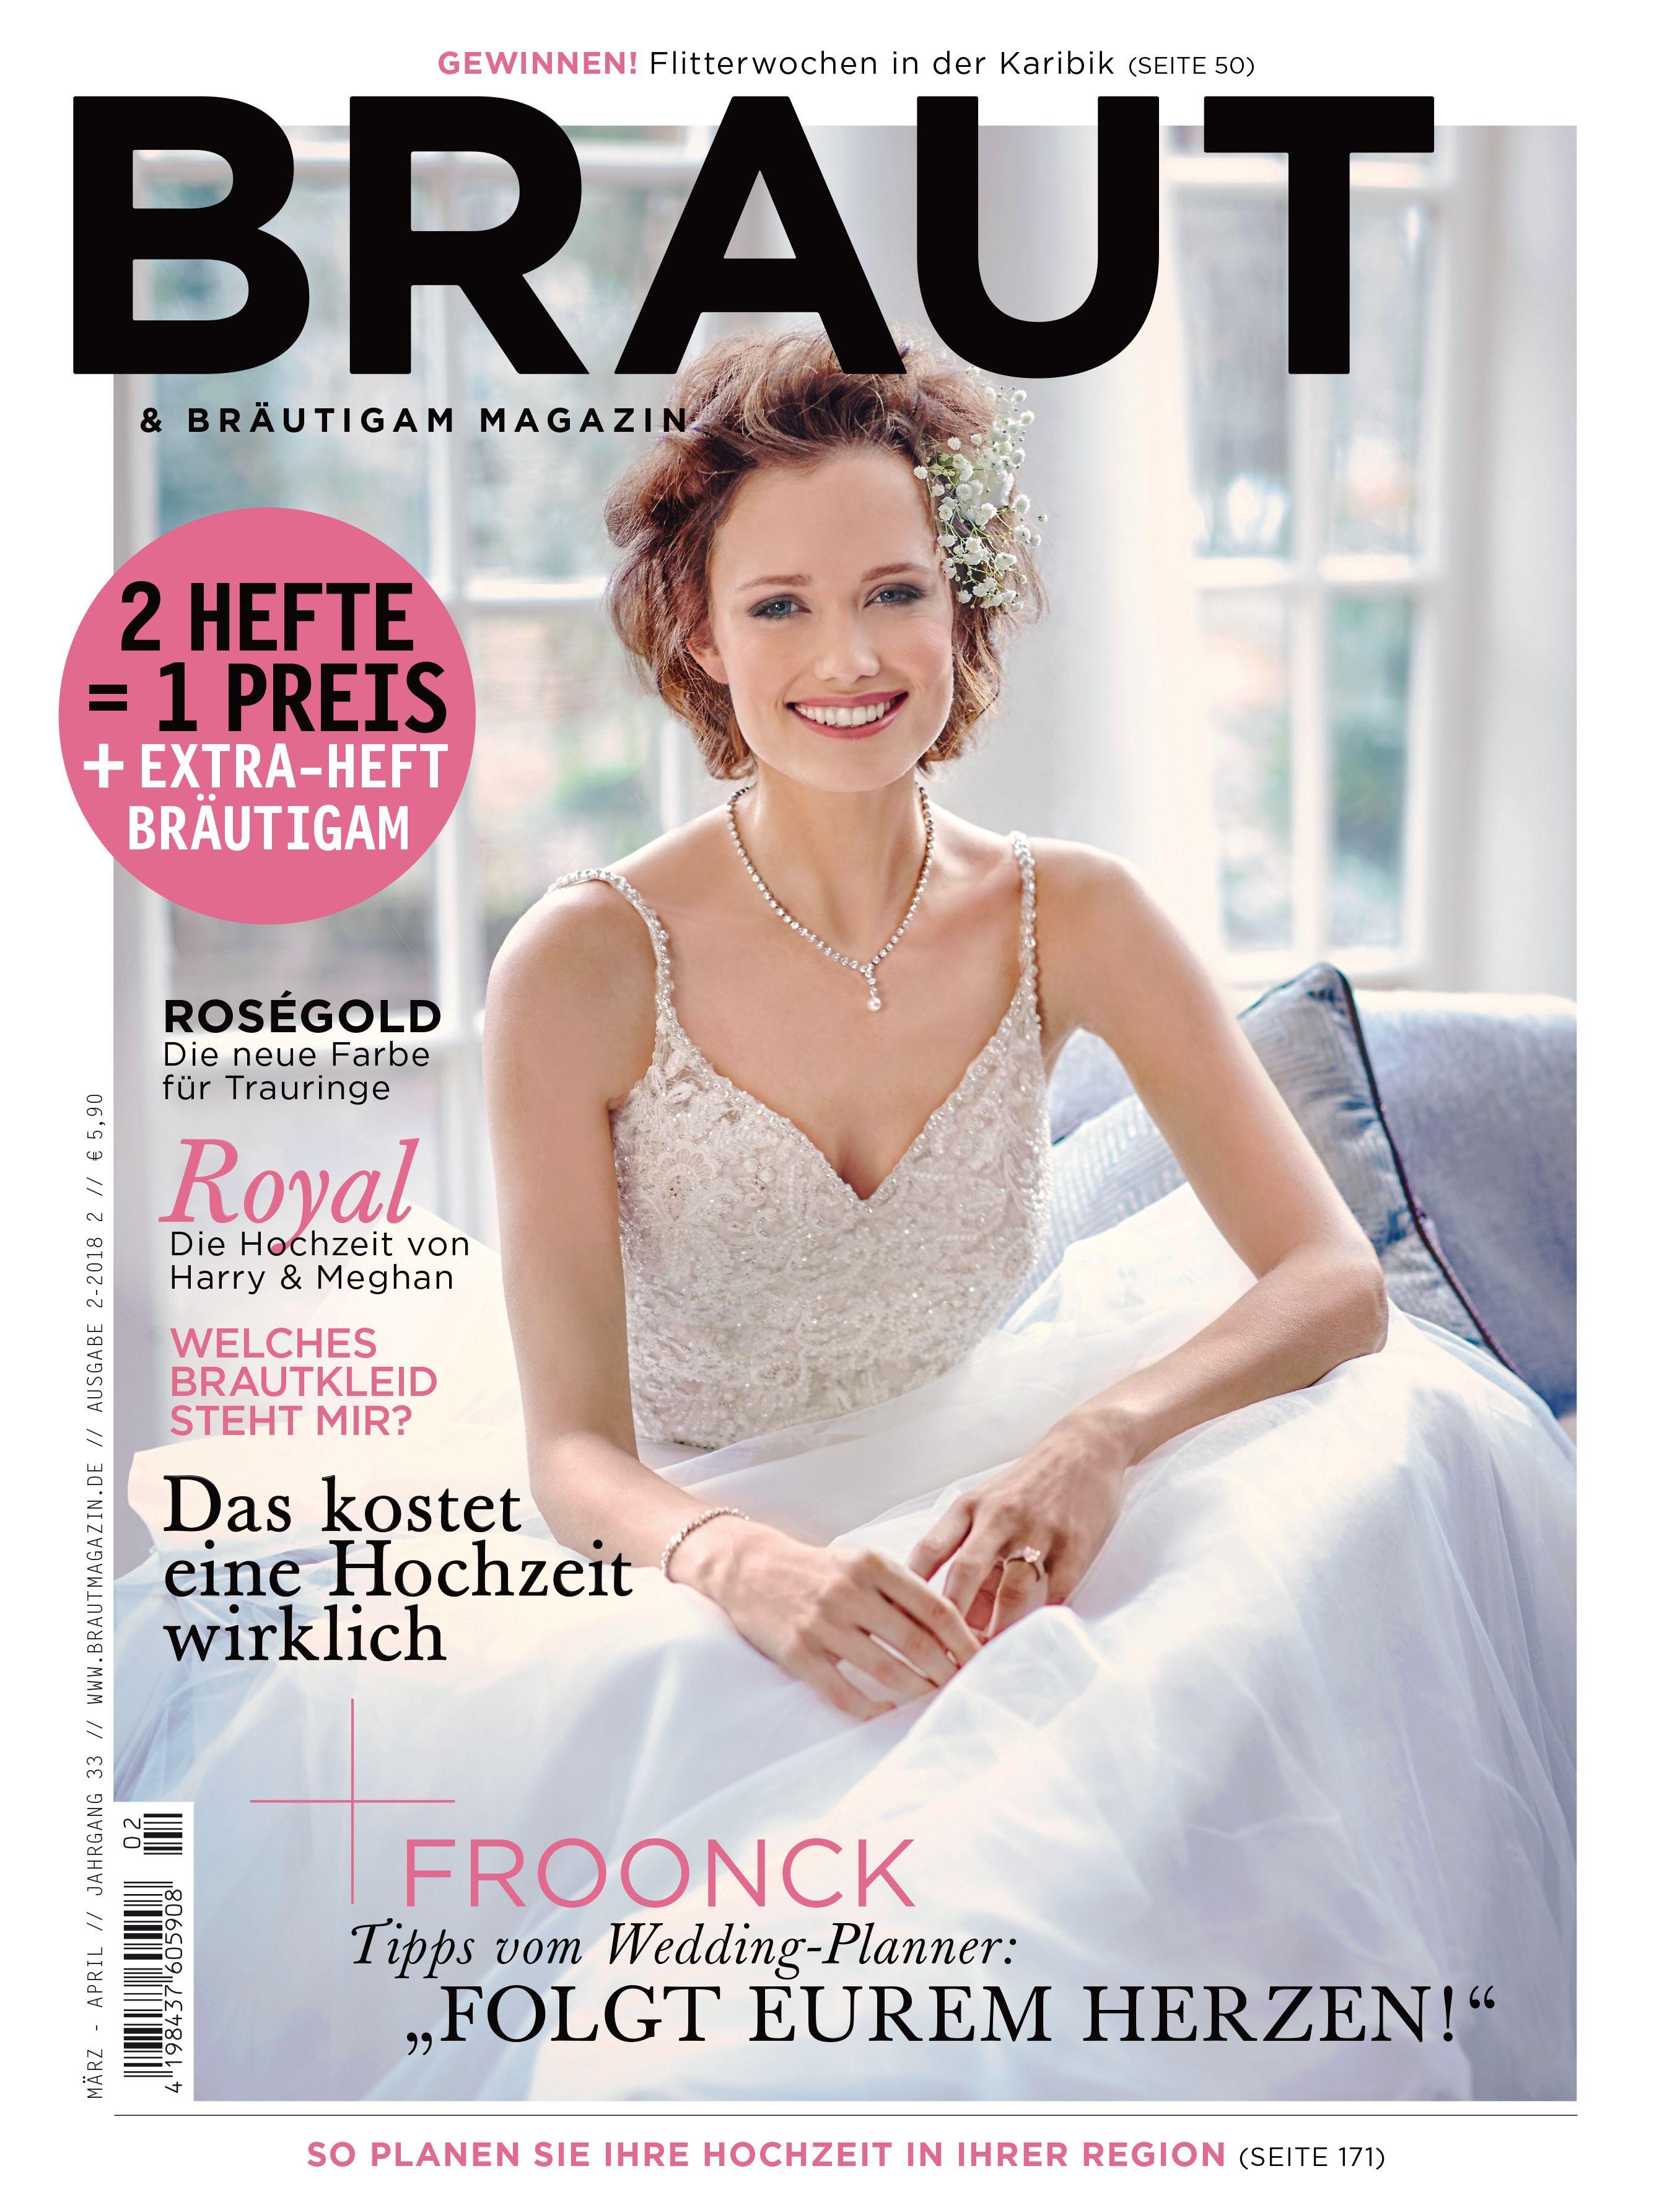 Braut & Bräutigam Magazin - Ausgabe 2-2018 #Brautmagazin #Hochzeit ...